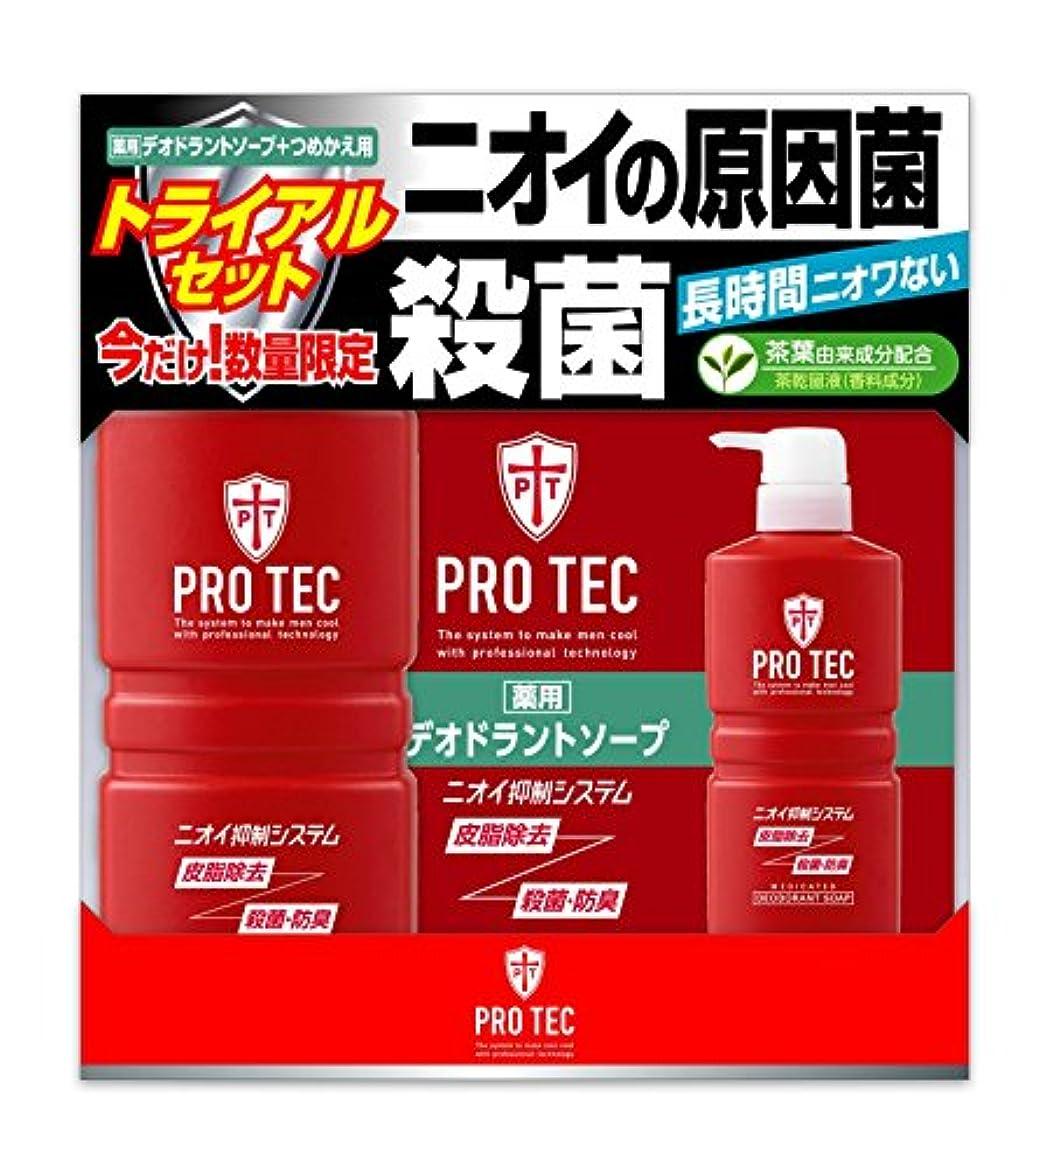 全くボリュームする必要があるPRO TEC(プロテク) デオドラントソープ 本体420ml+詰替330ml セット[医薬部外品]